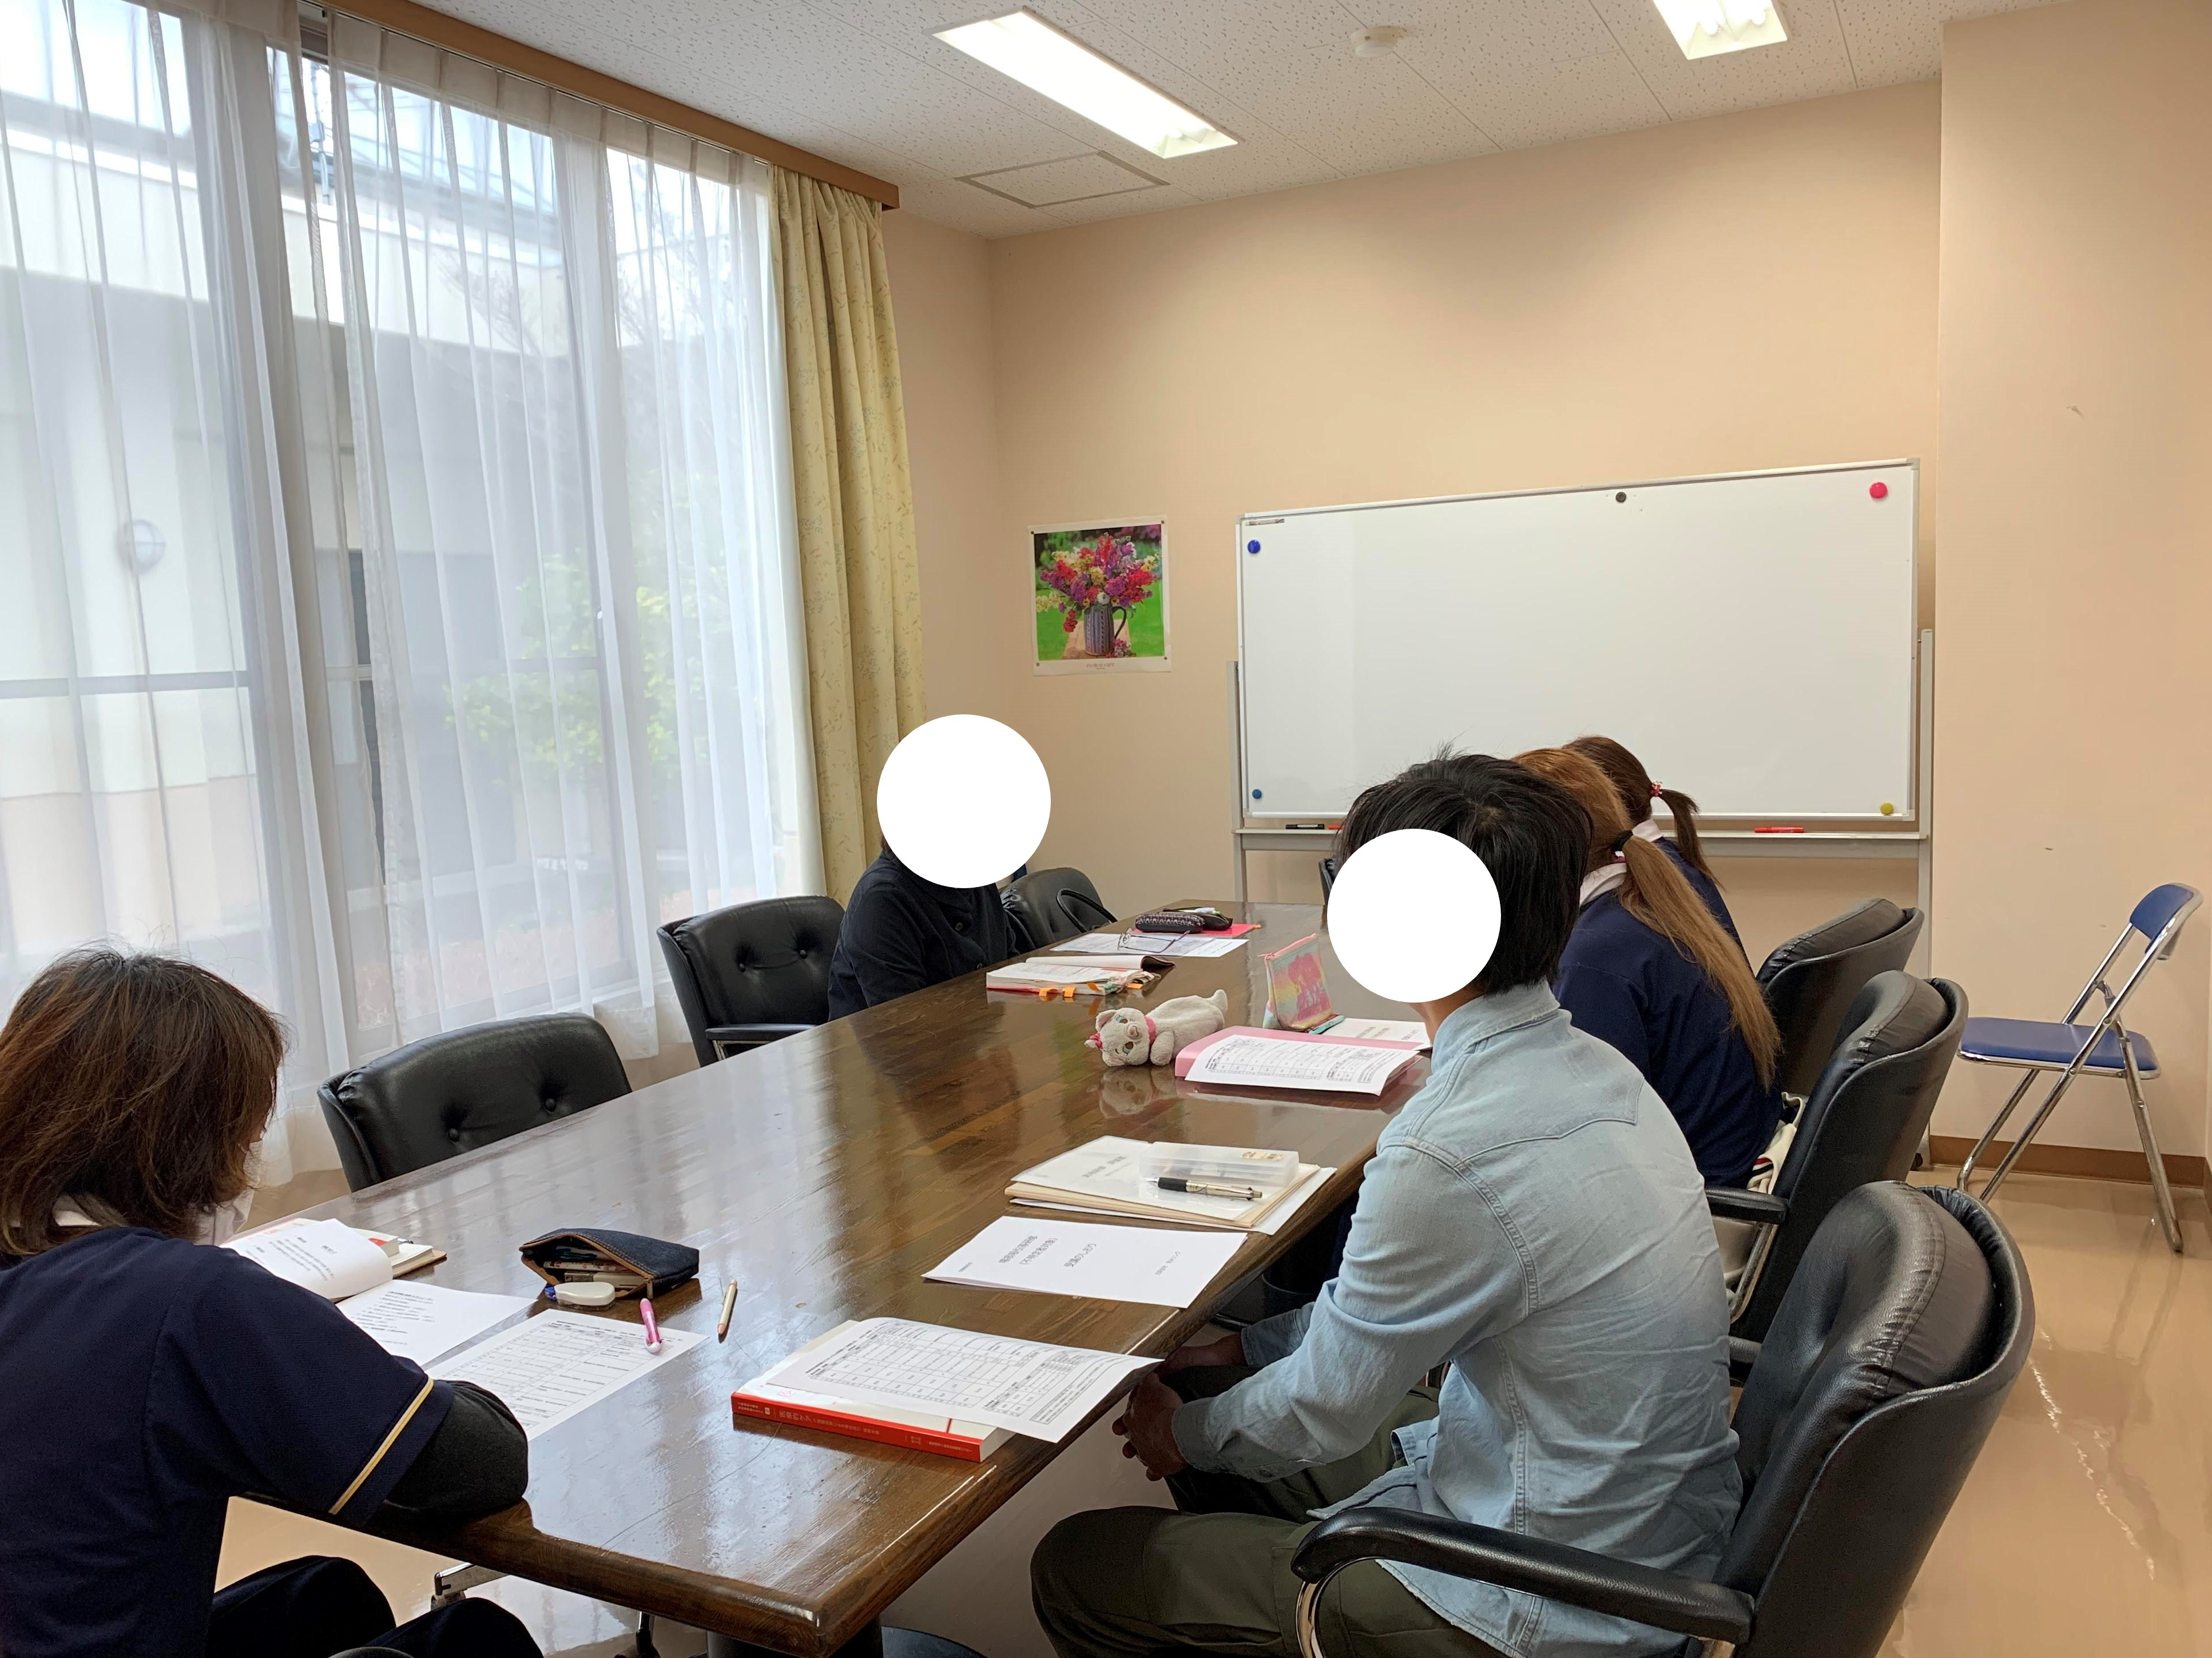 熊本県玉名市 特別養護老人ホーム(4班目)様